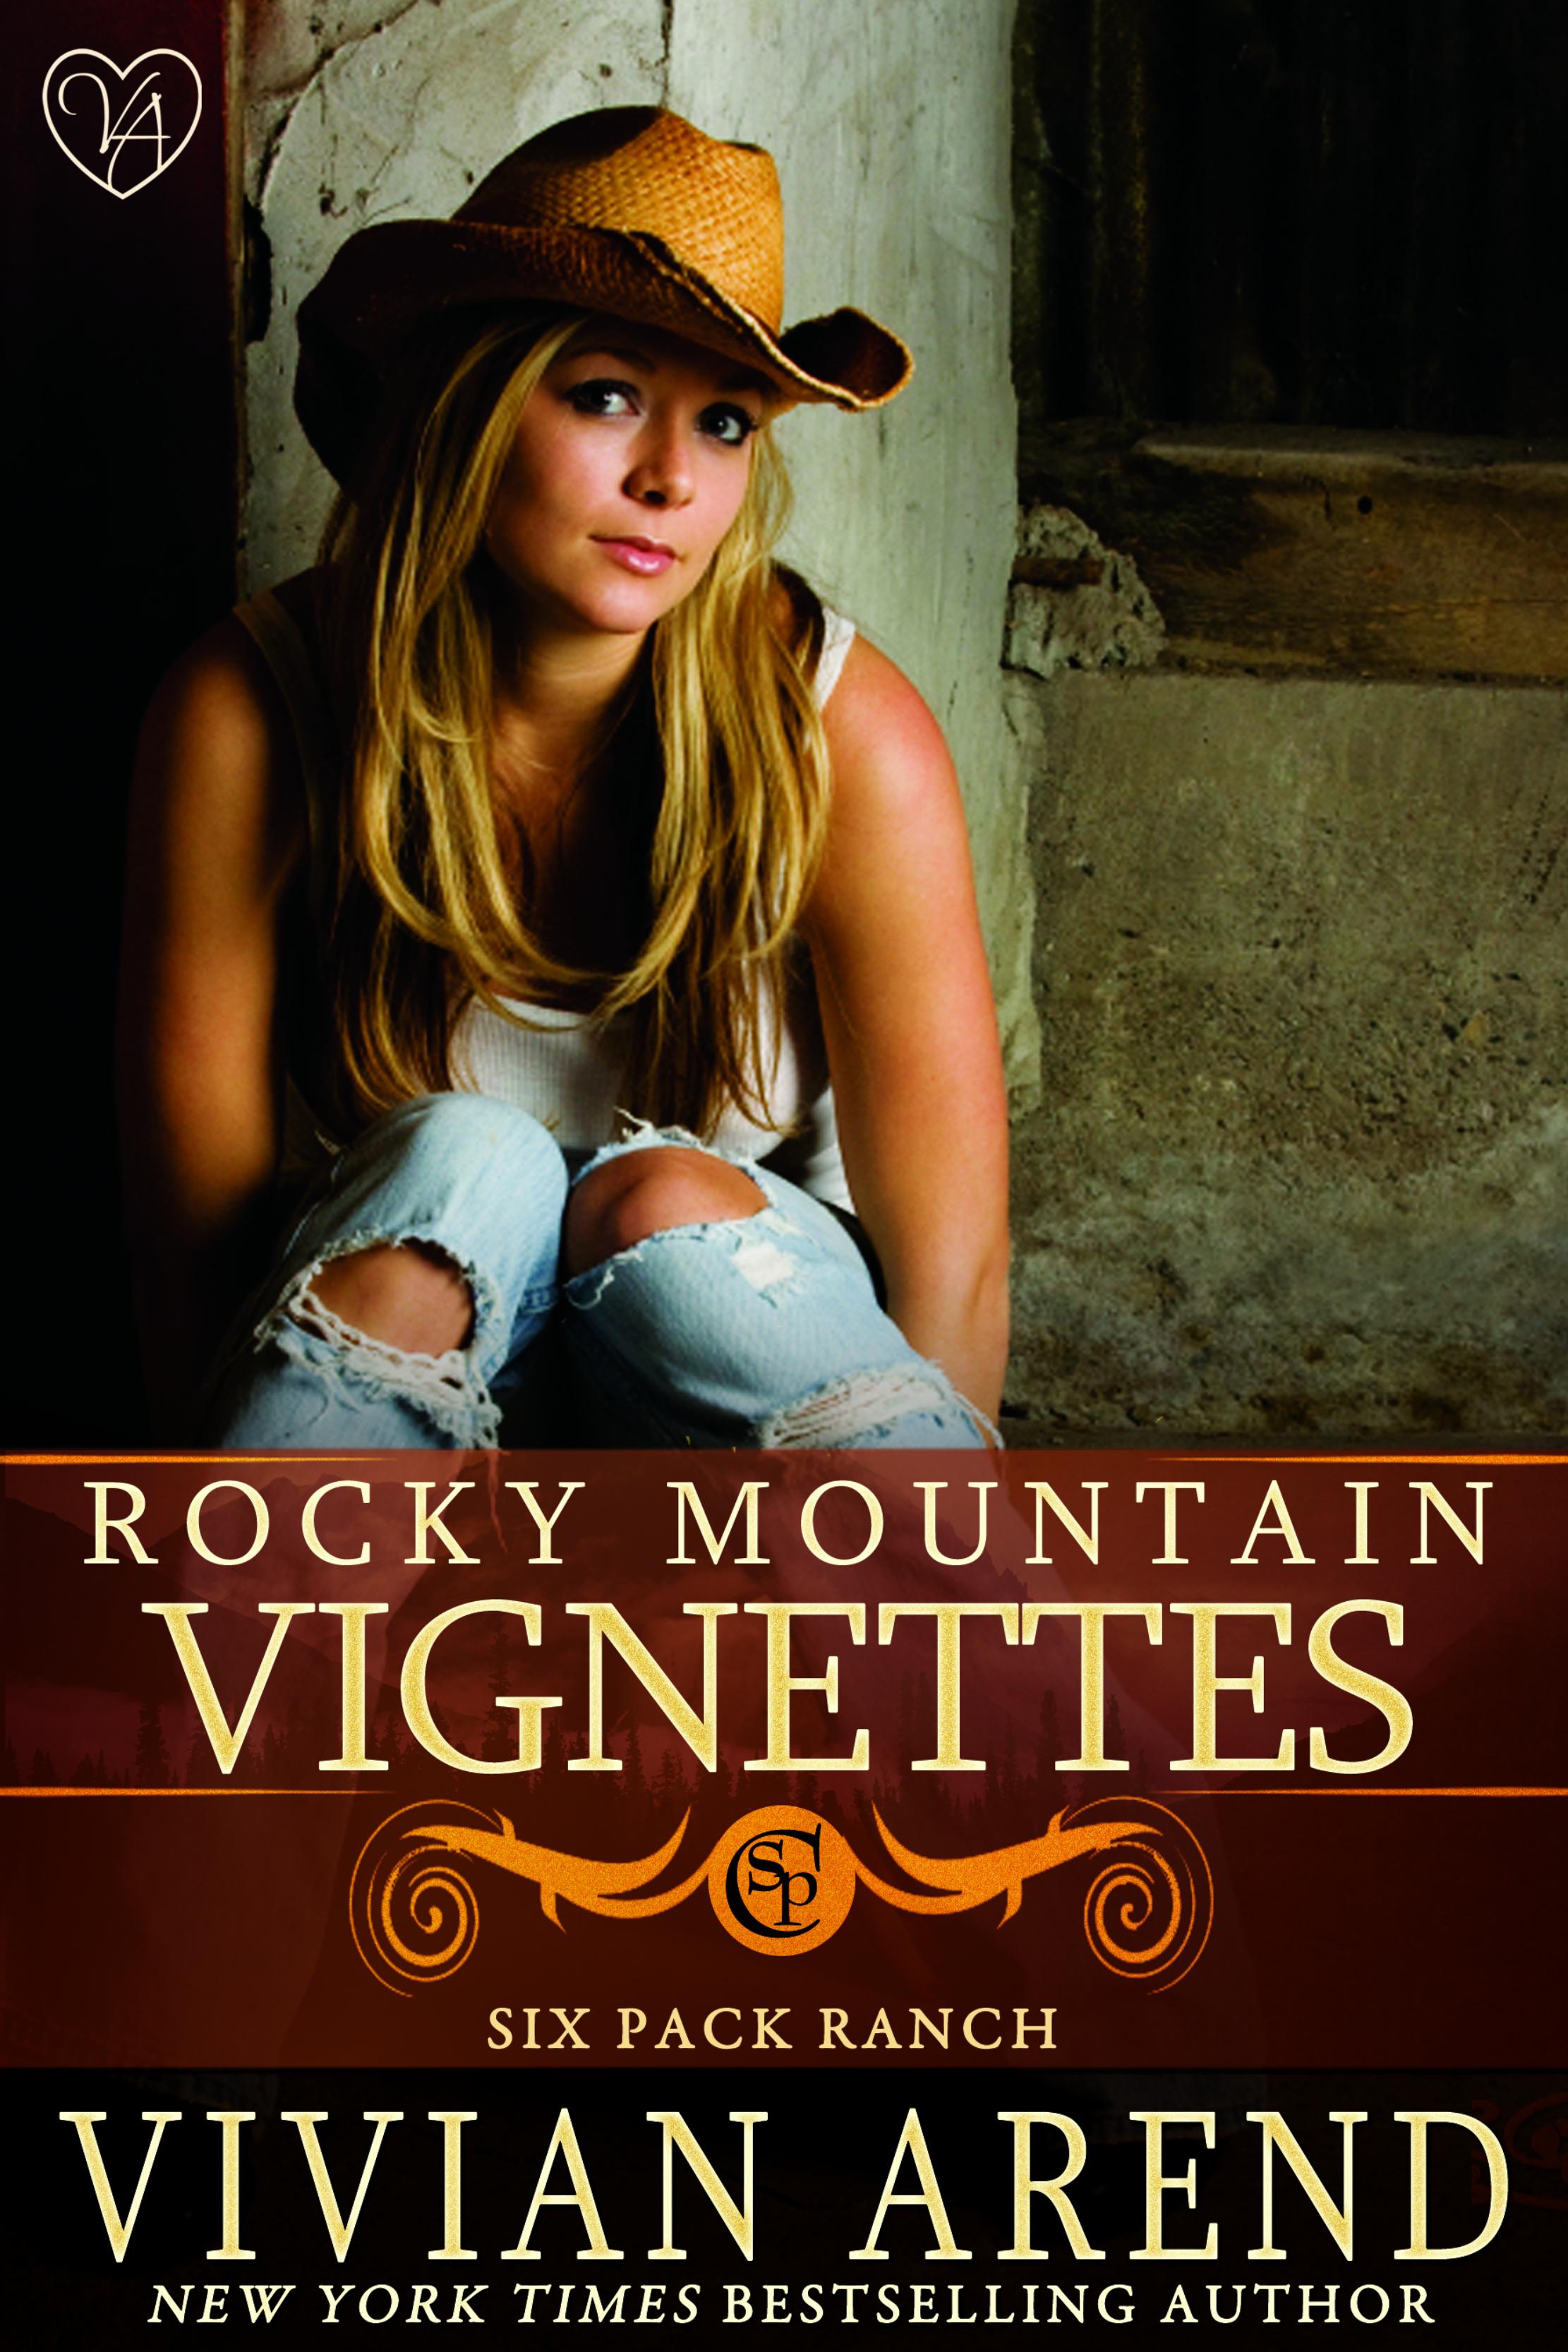 Rocky Mountain Vignettes